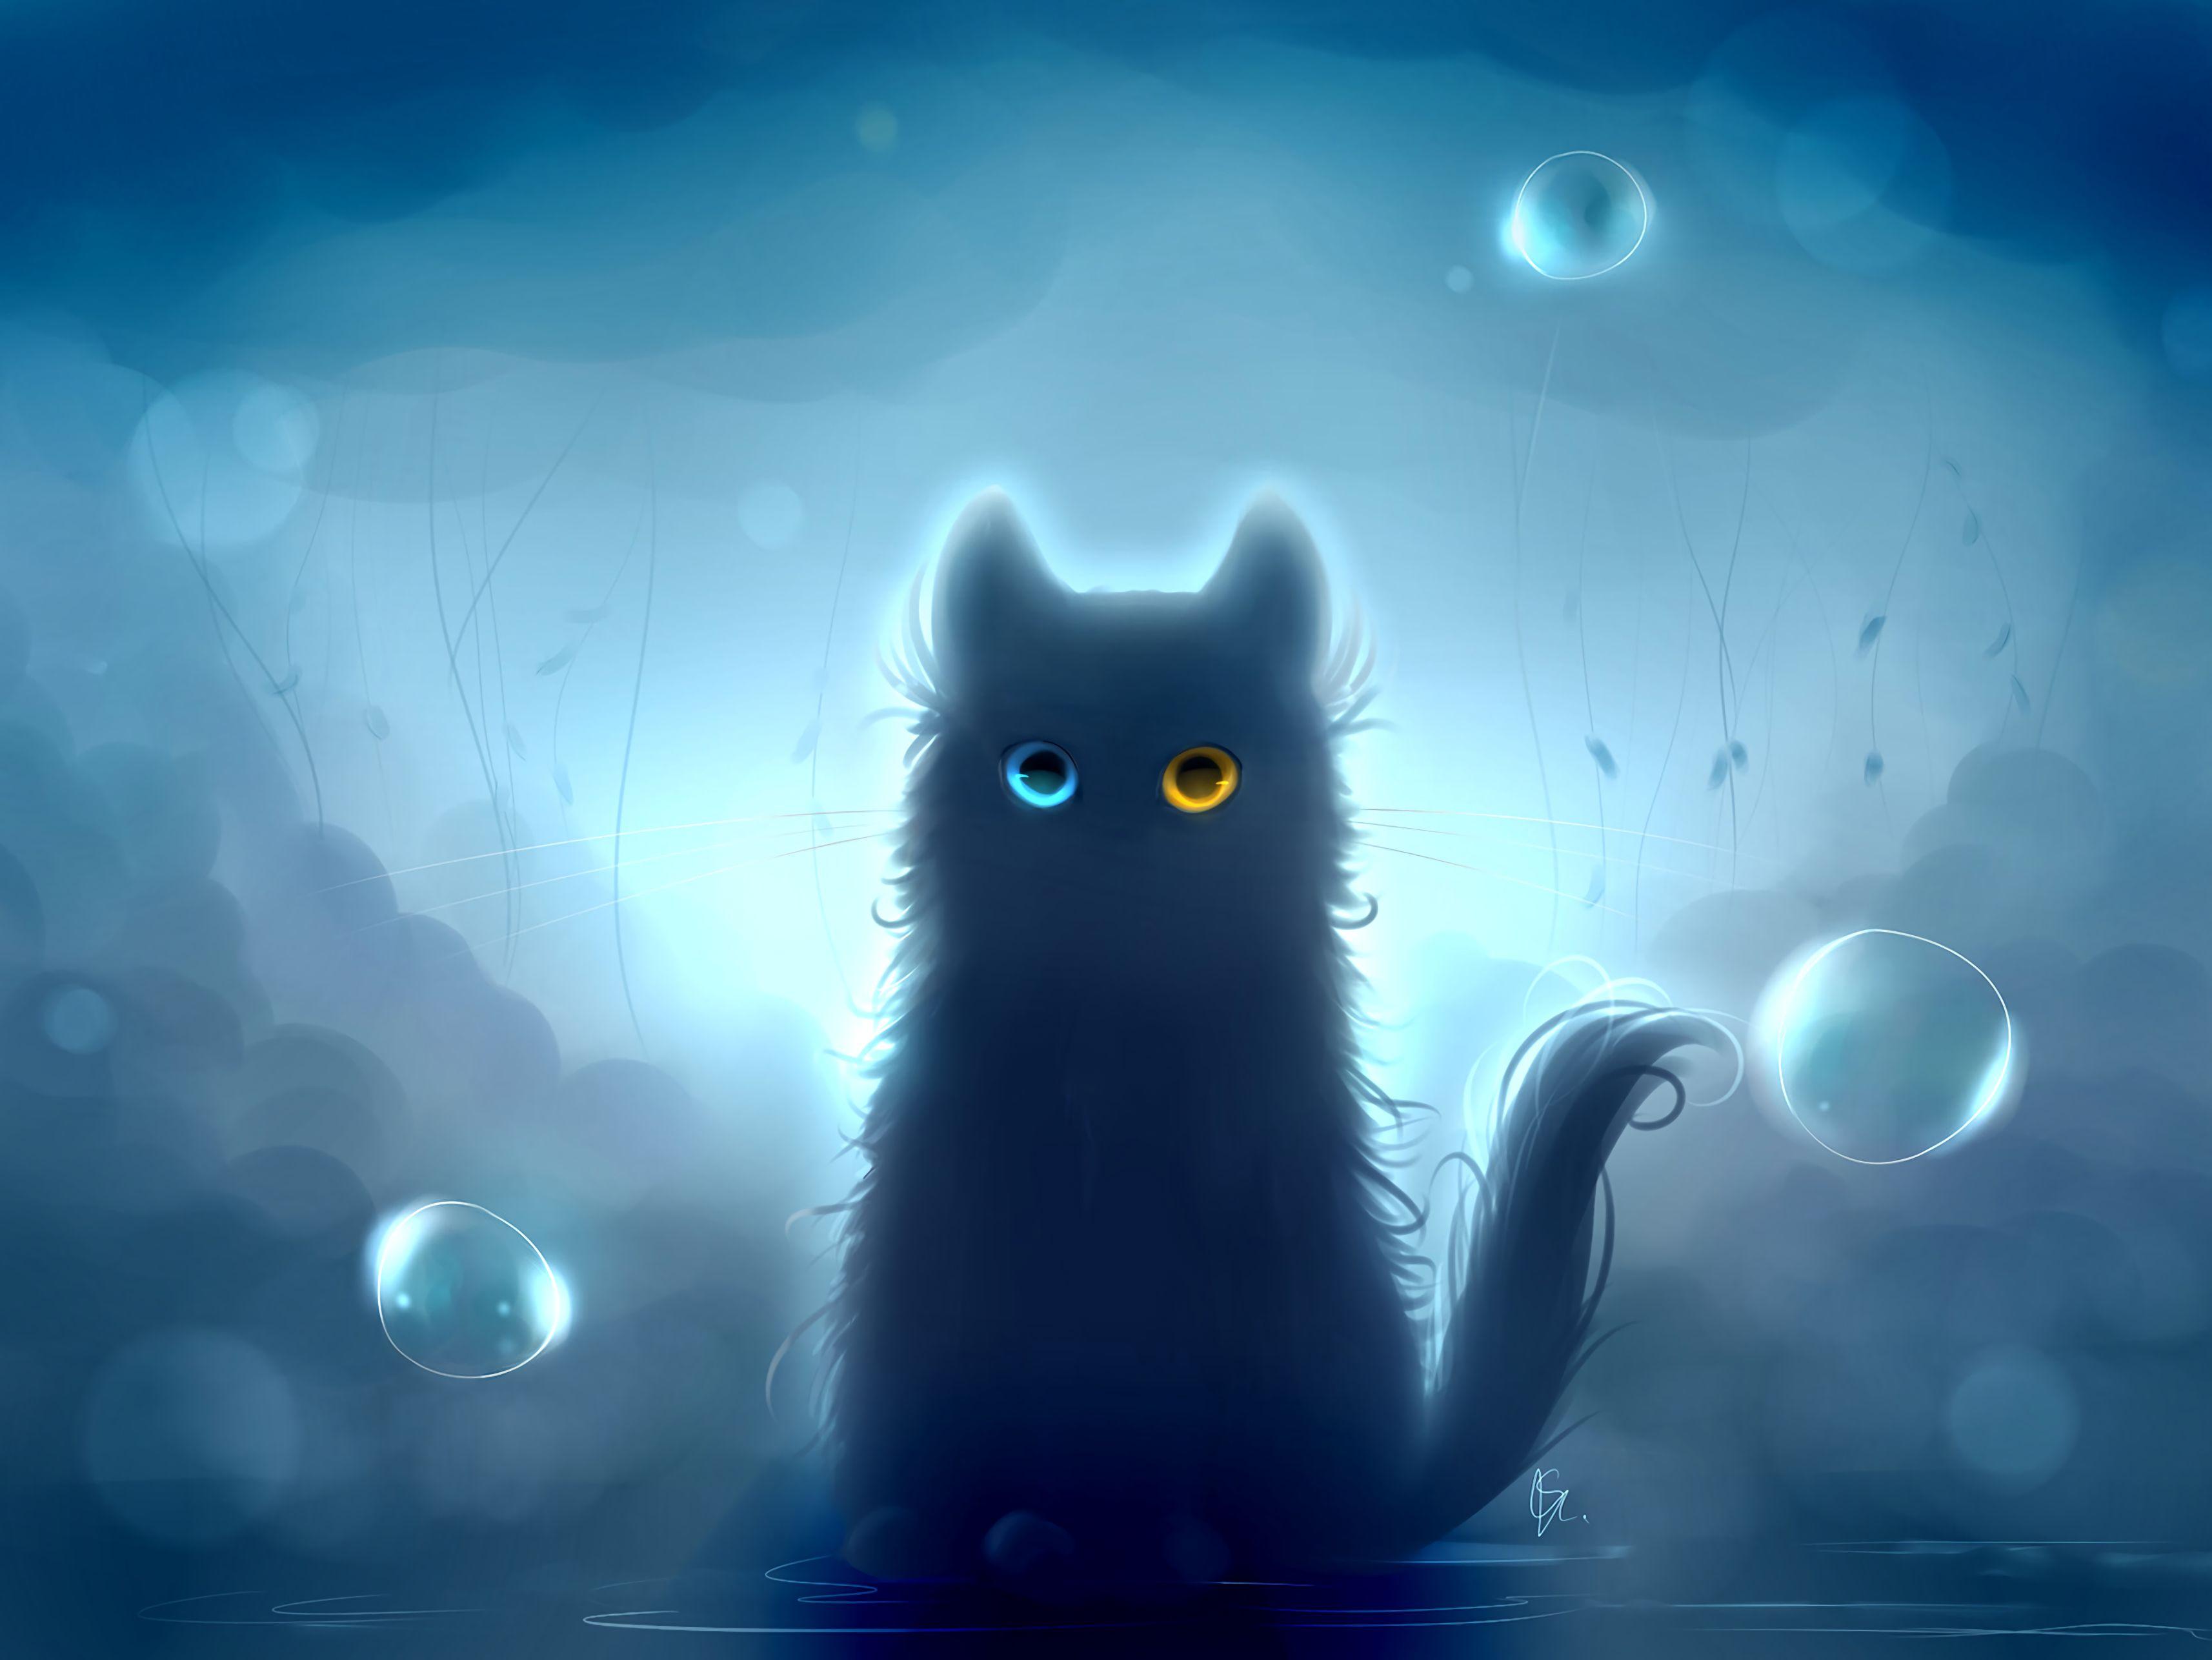 89799 Hintergrundbild herunterladen Kunst, Der Kater, Katze, Schwarzer Kater, Black Cat, Heterochromie, Heterochromia - Bildschirmschoner und Bilder kostenlos